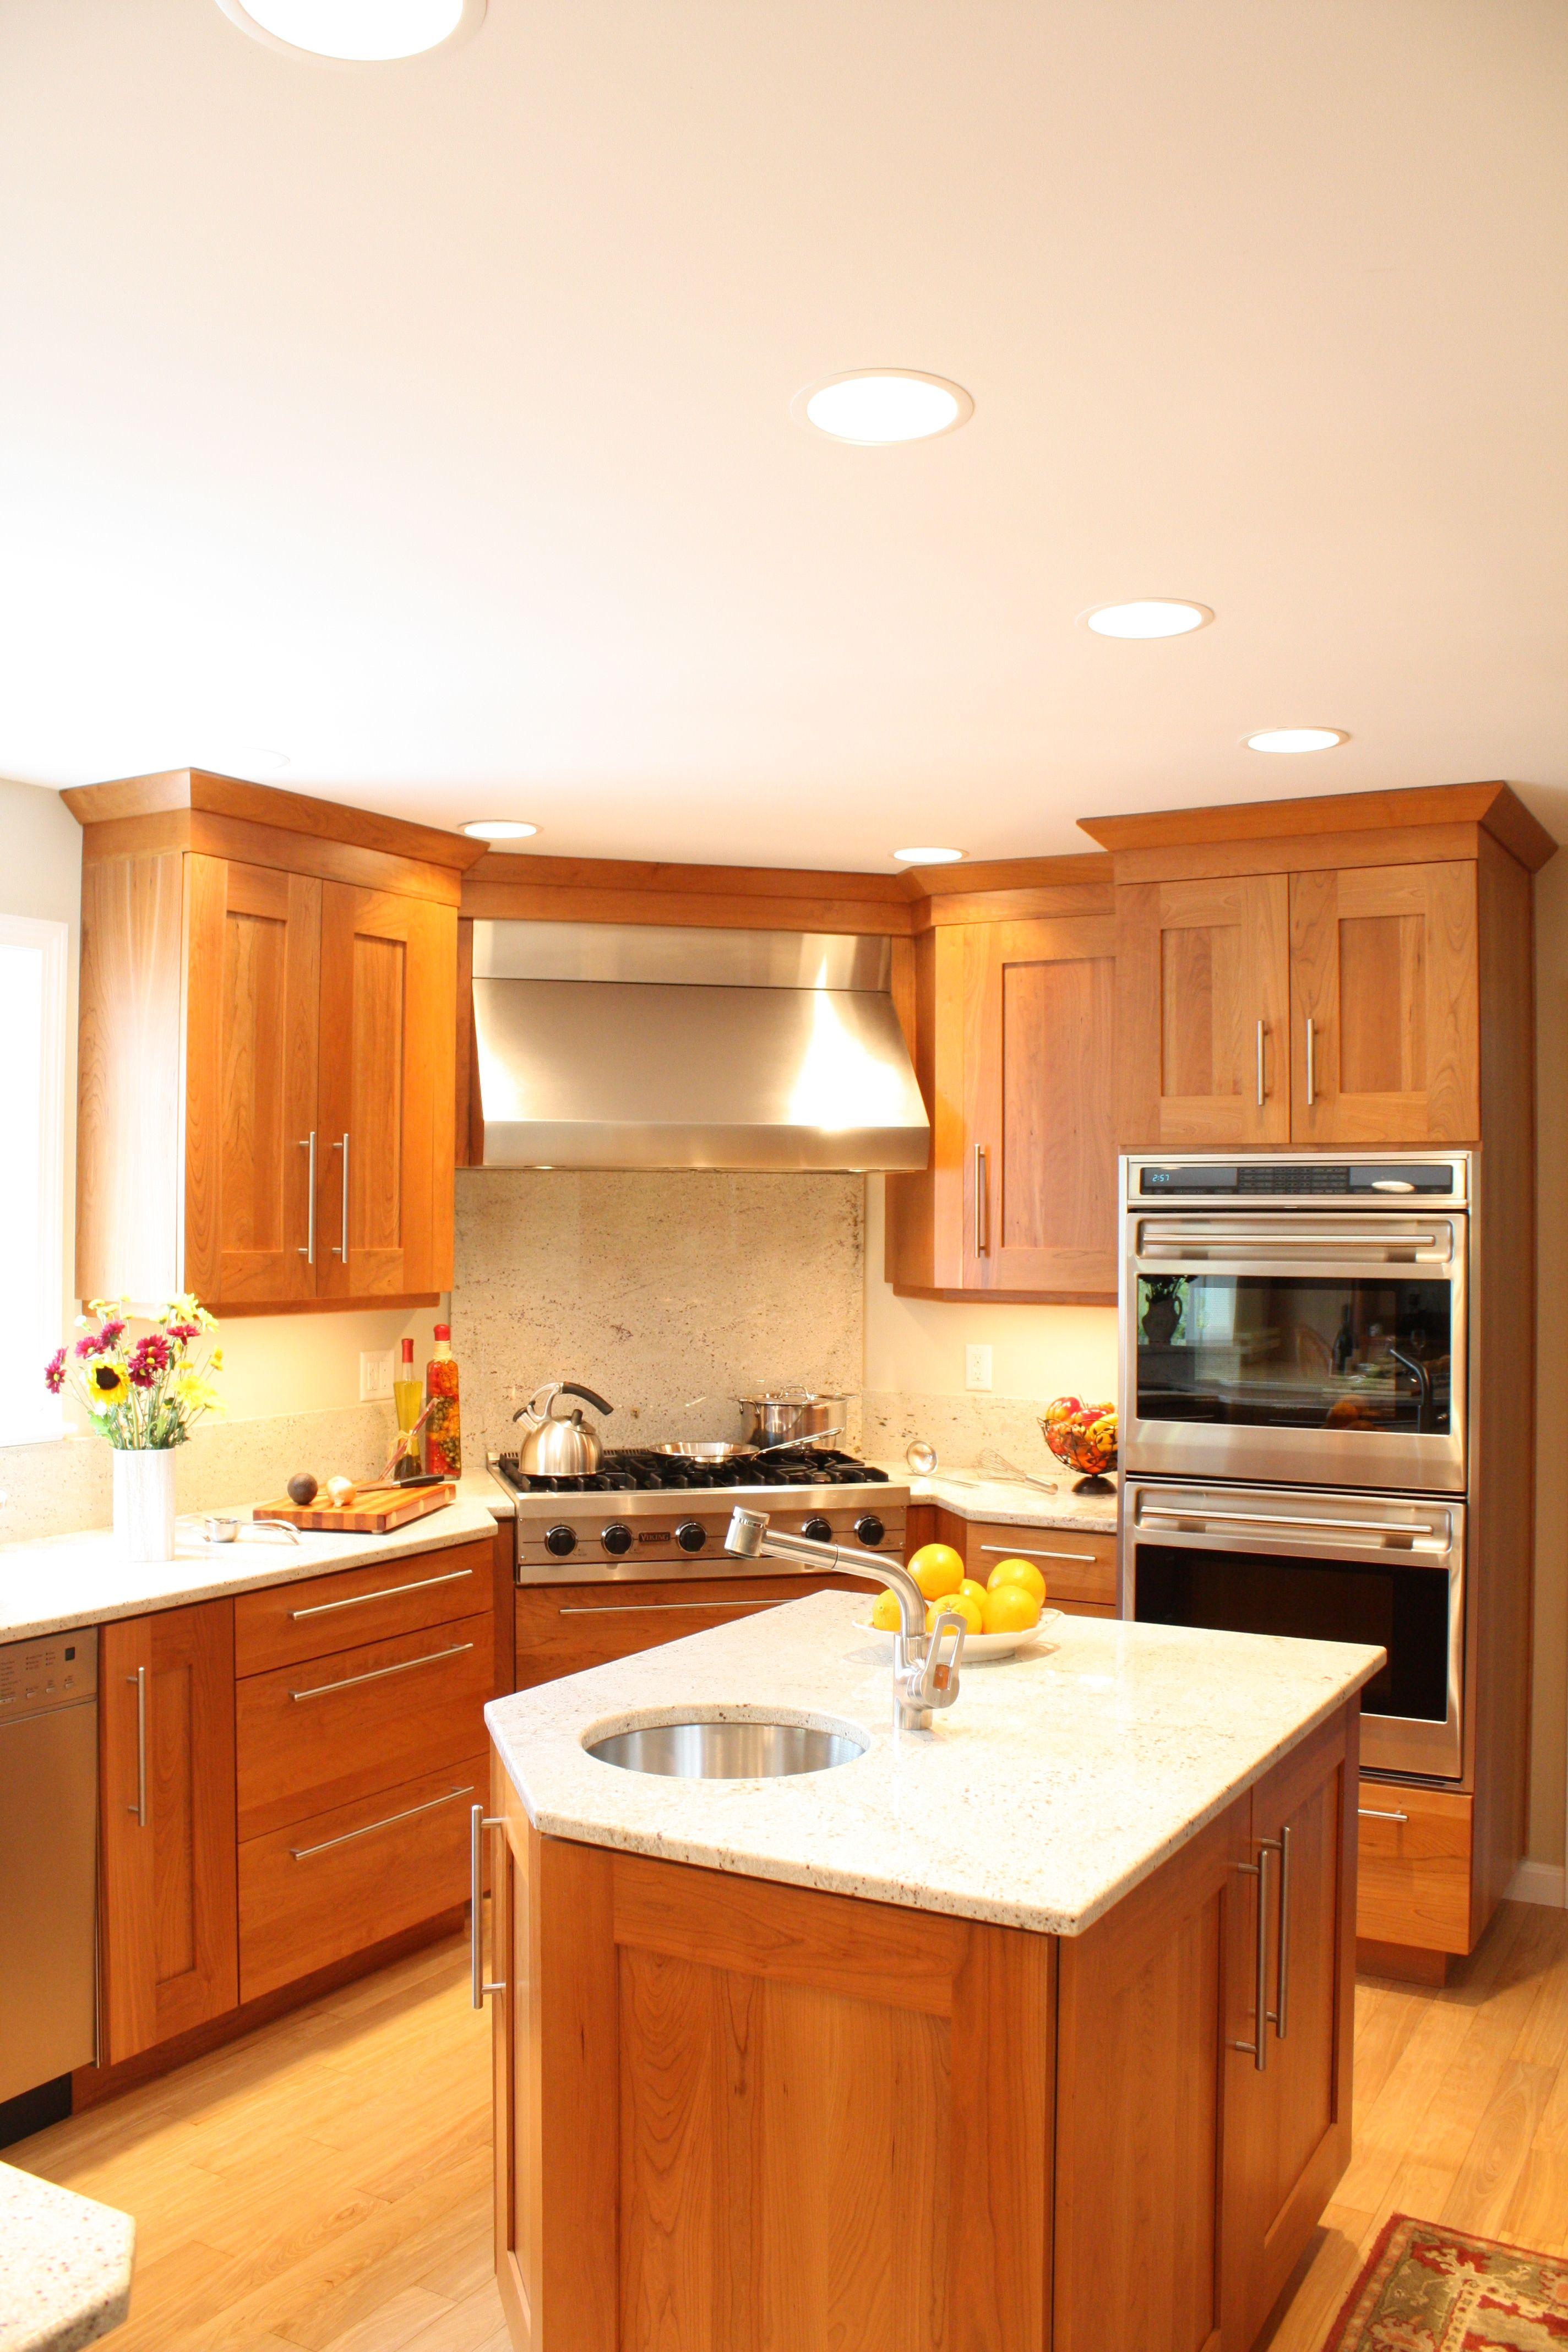 Shaker Kitchen Medium Tones Kitchen Design Kitchen Remodel Countertops